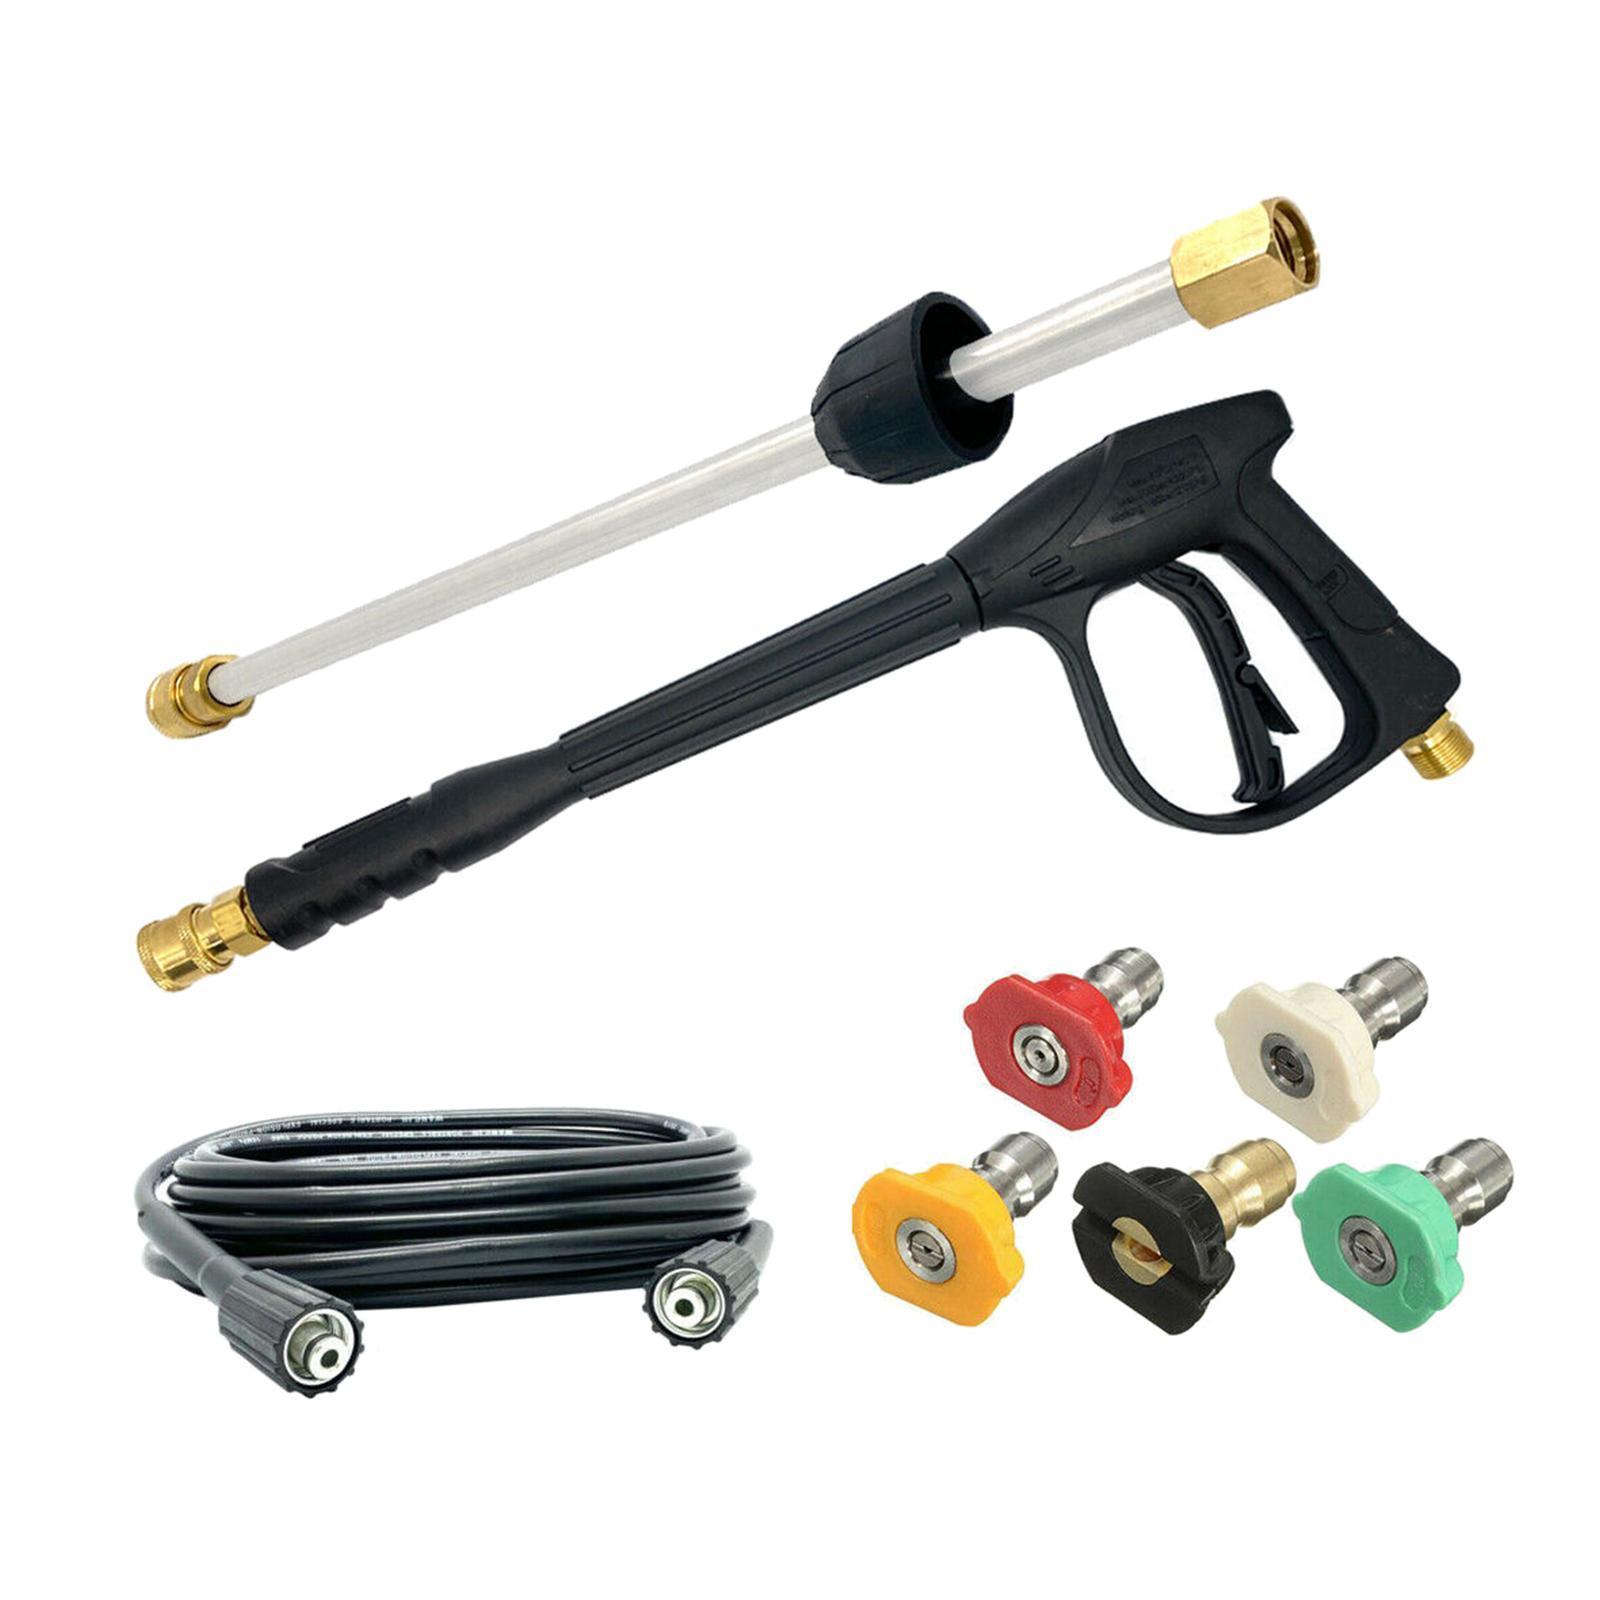 Indexbild 30 - Hochdruckreiniger Pistole Düse Zubehör Ersatzteile Teile Hochdruckpistole